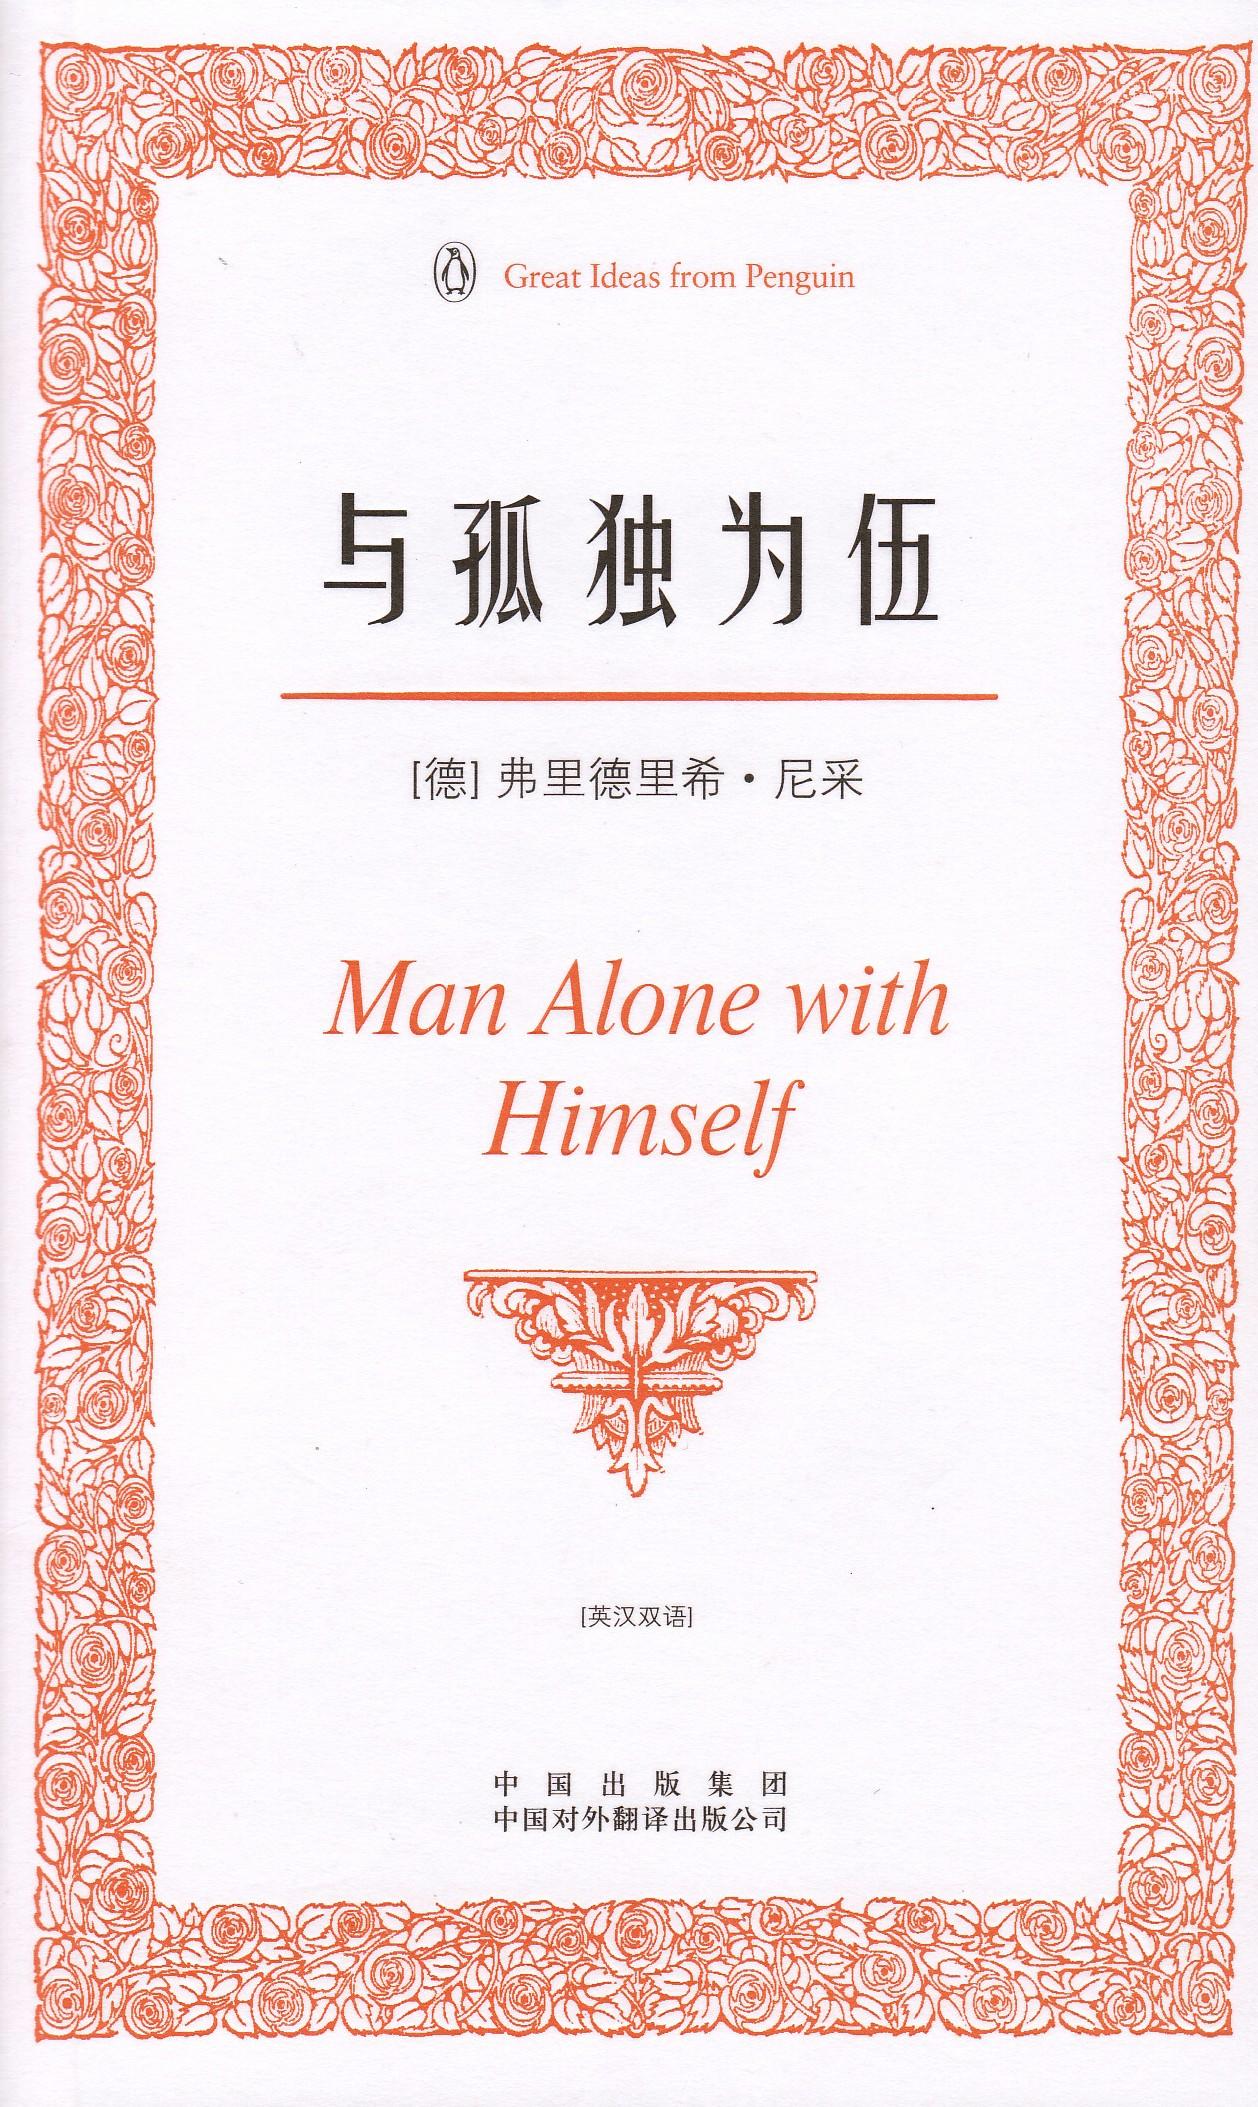 与孤独为伍